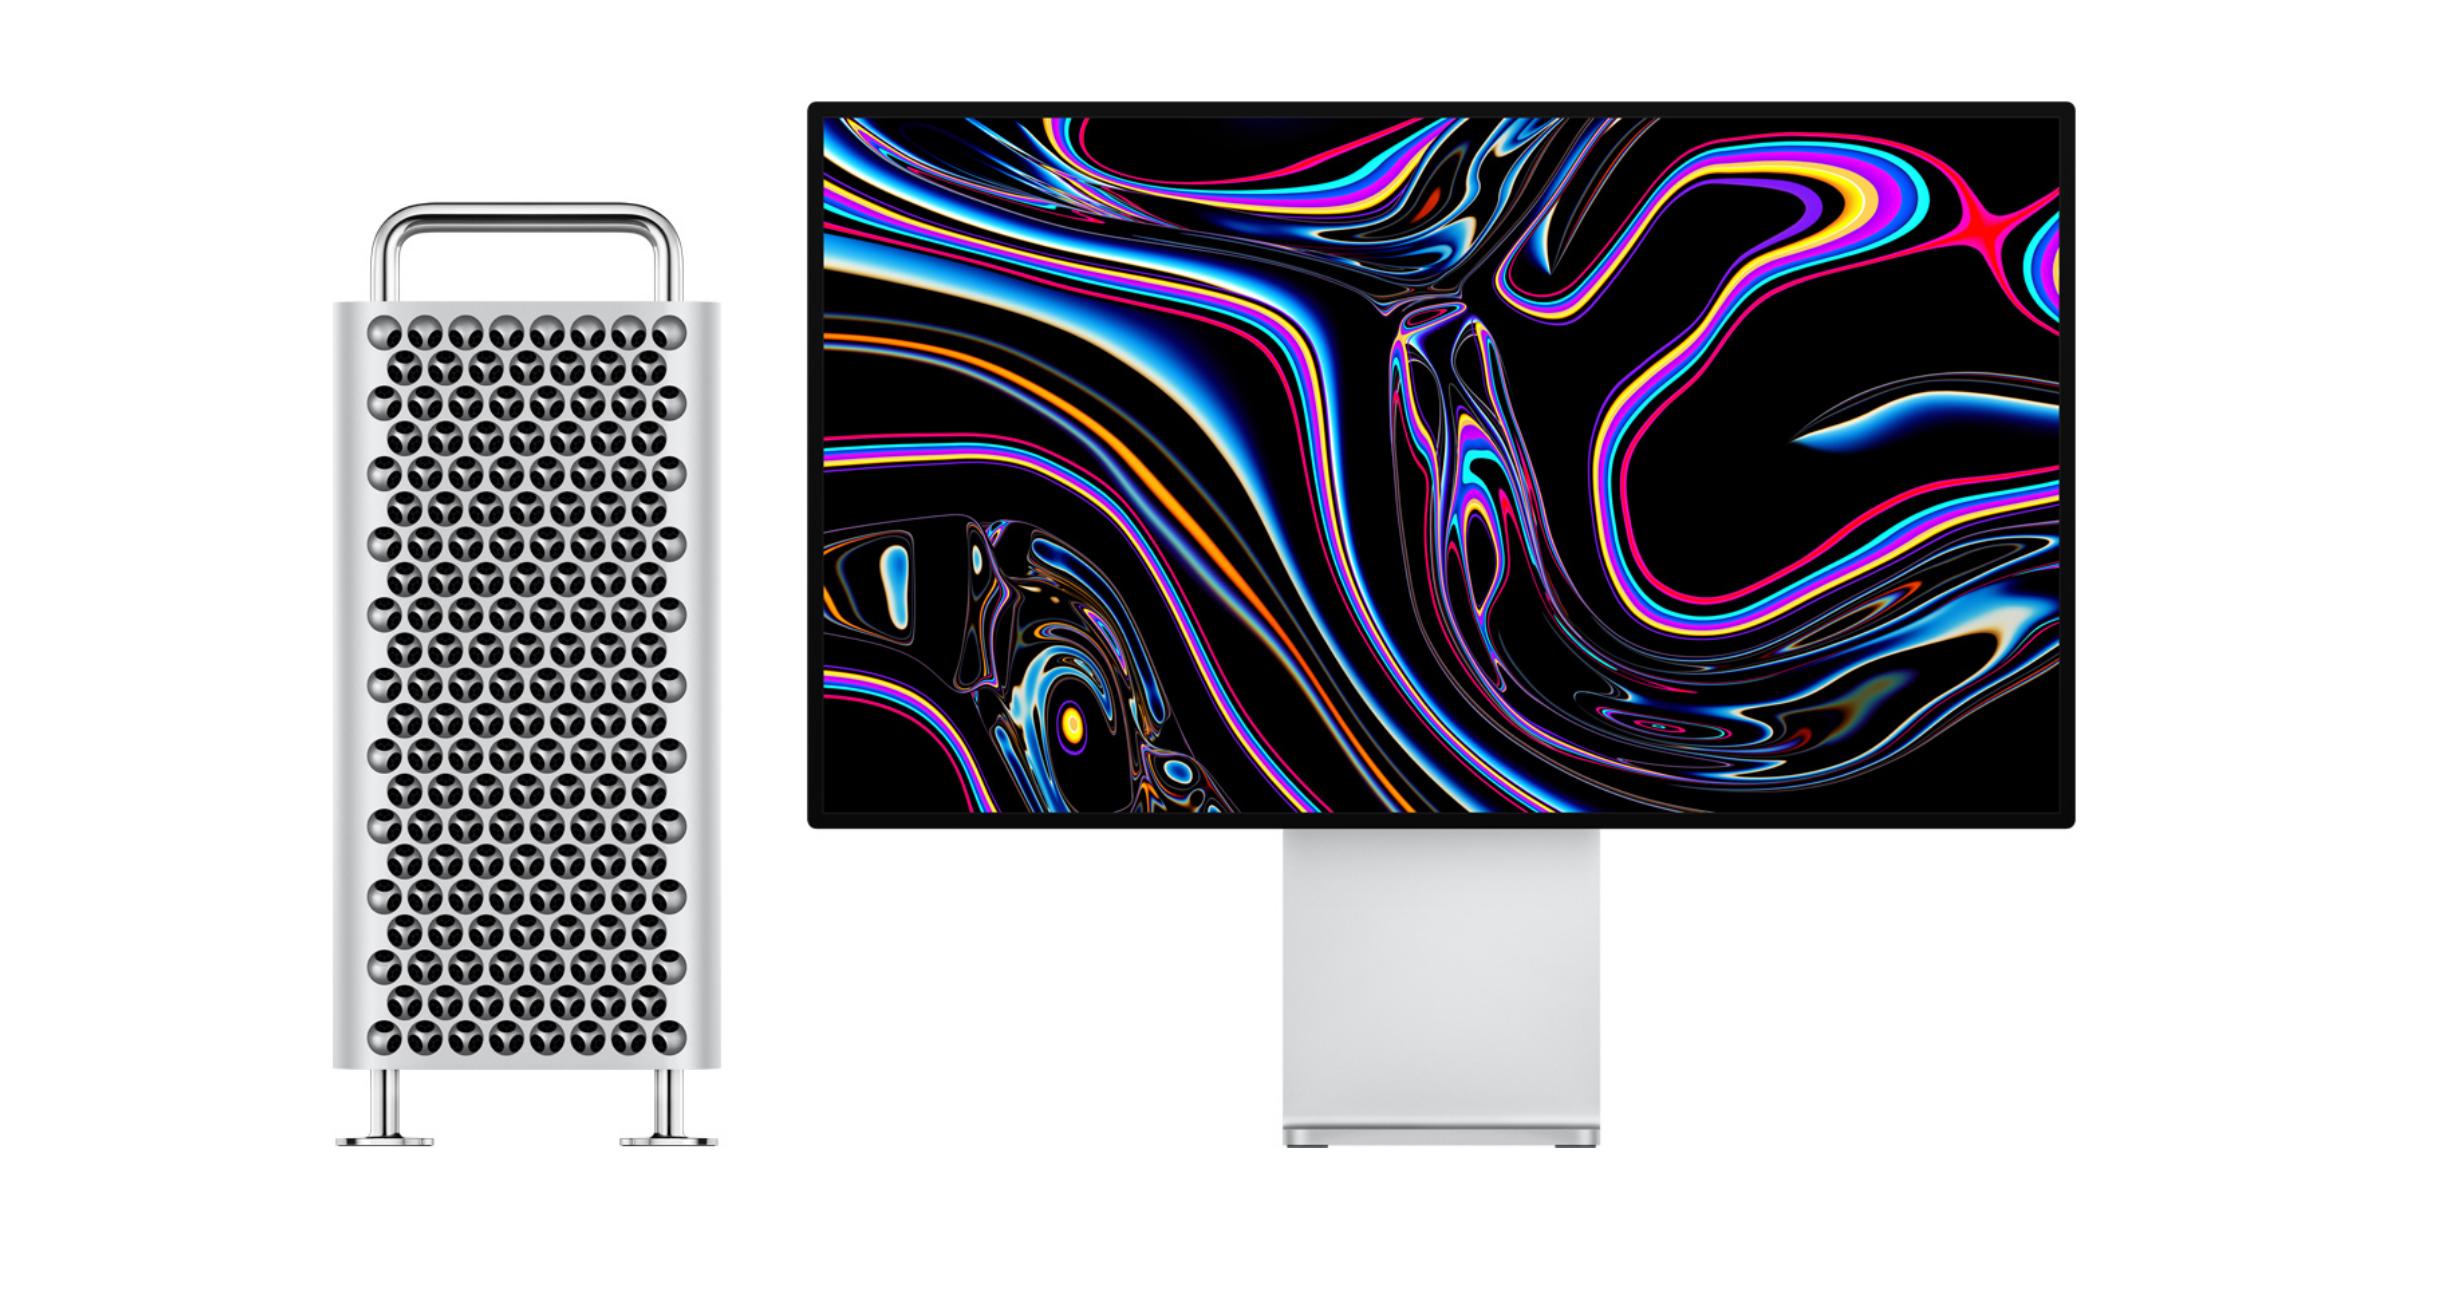 En Güçlü Mac Pro Agresif Fiyatını Hak Ediyor mu?